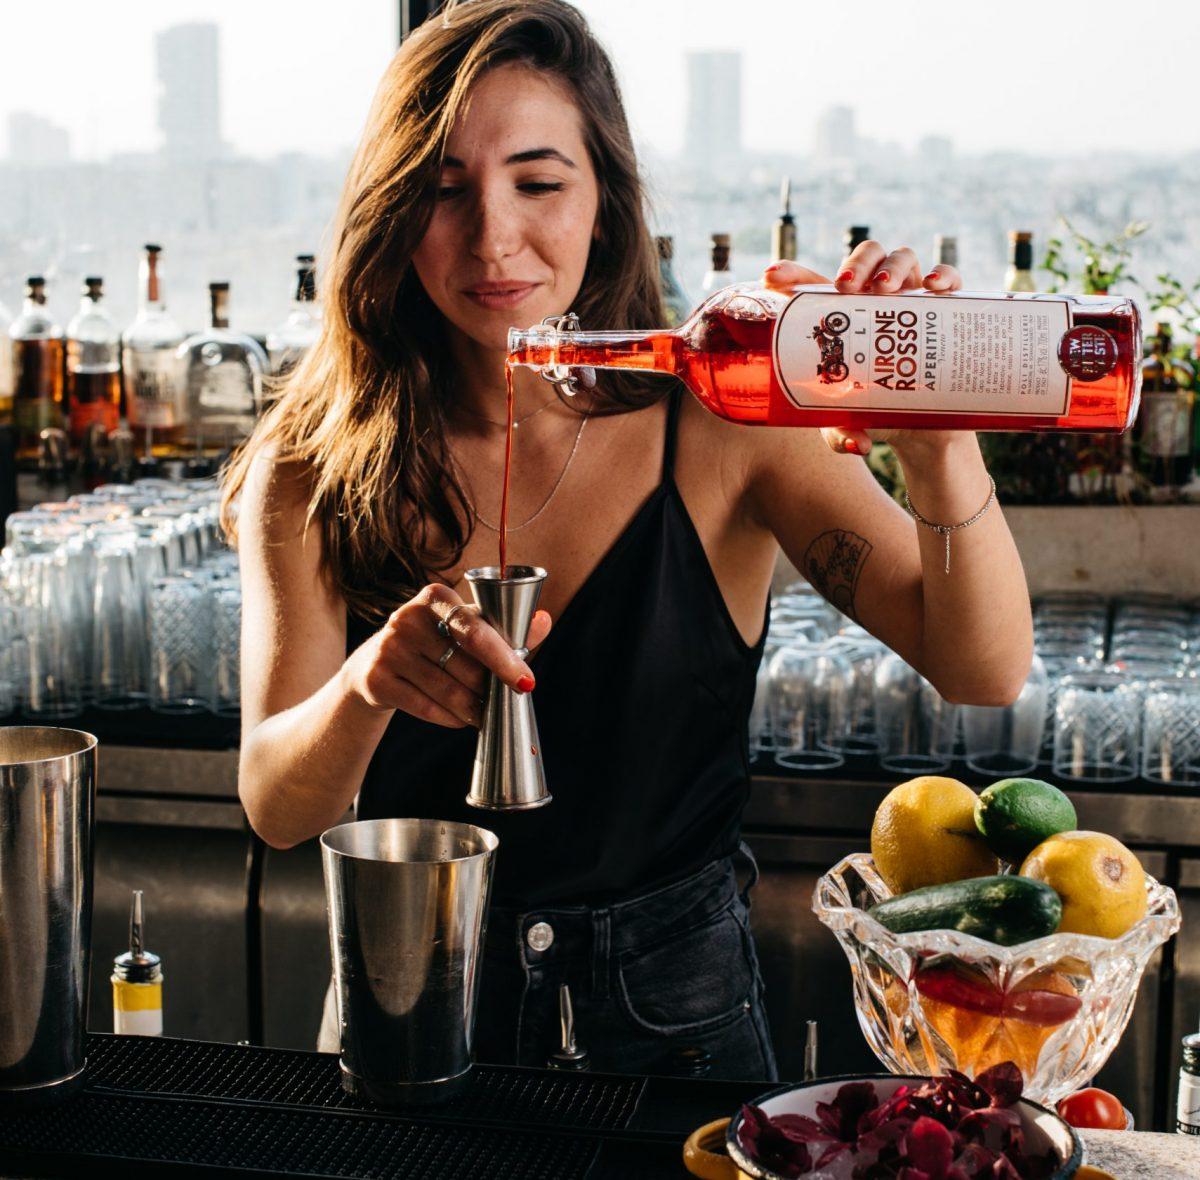 ברמנית מוזגת אלכוהול לכוס בבר בסורה מרה - Barwoman is pouring alcohol at the bar in Sura mara